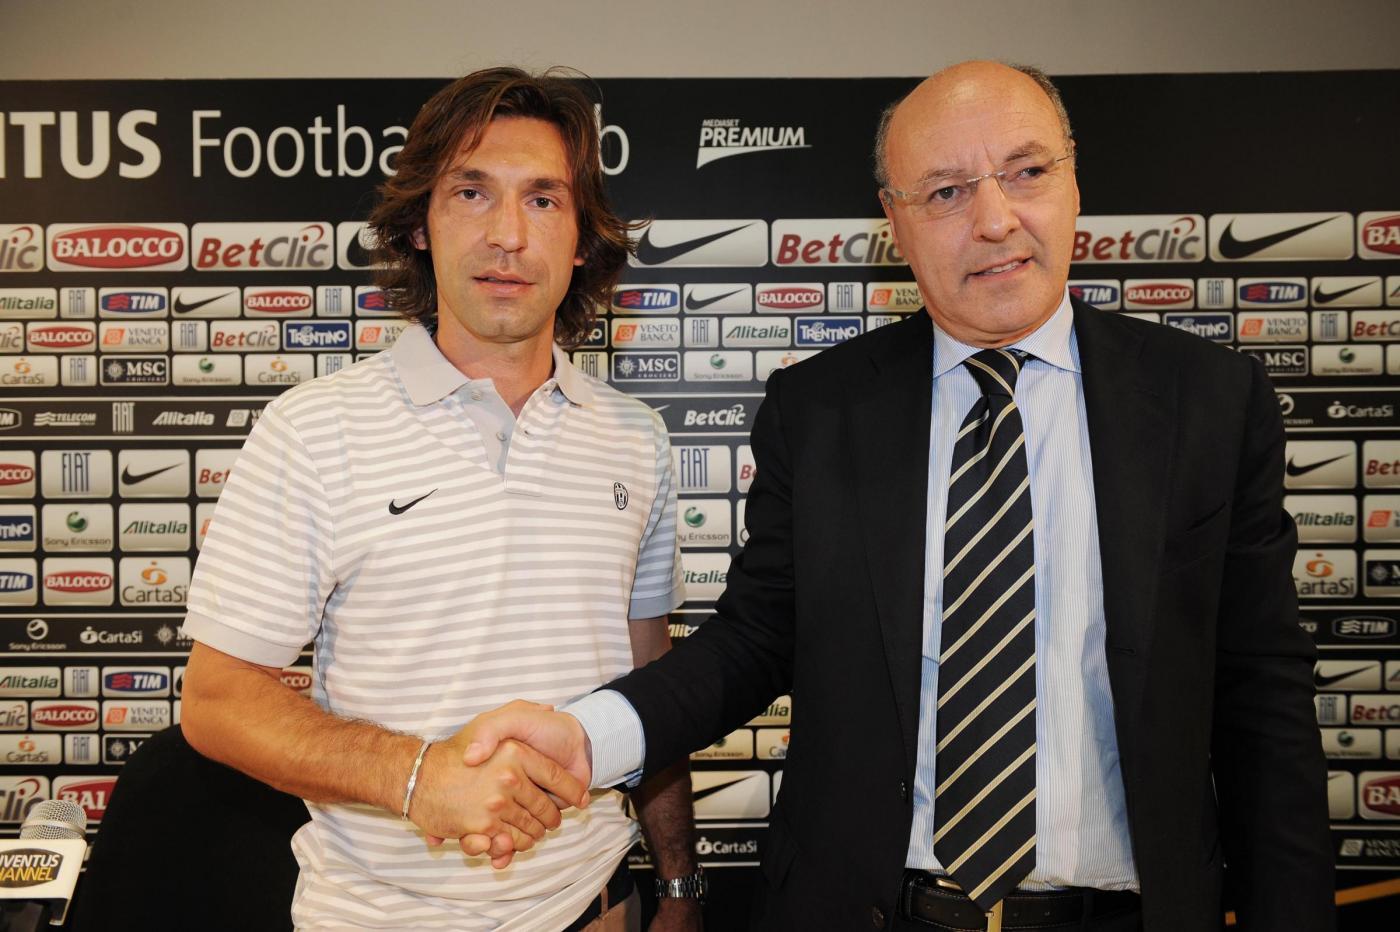 Andrea Pirlo e Beppe Marotta si strigono la mano durante la presentazione del nuovo numero 21 bianconero. Foto: juventus.com